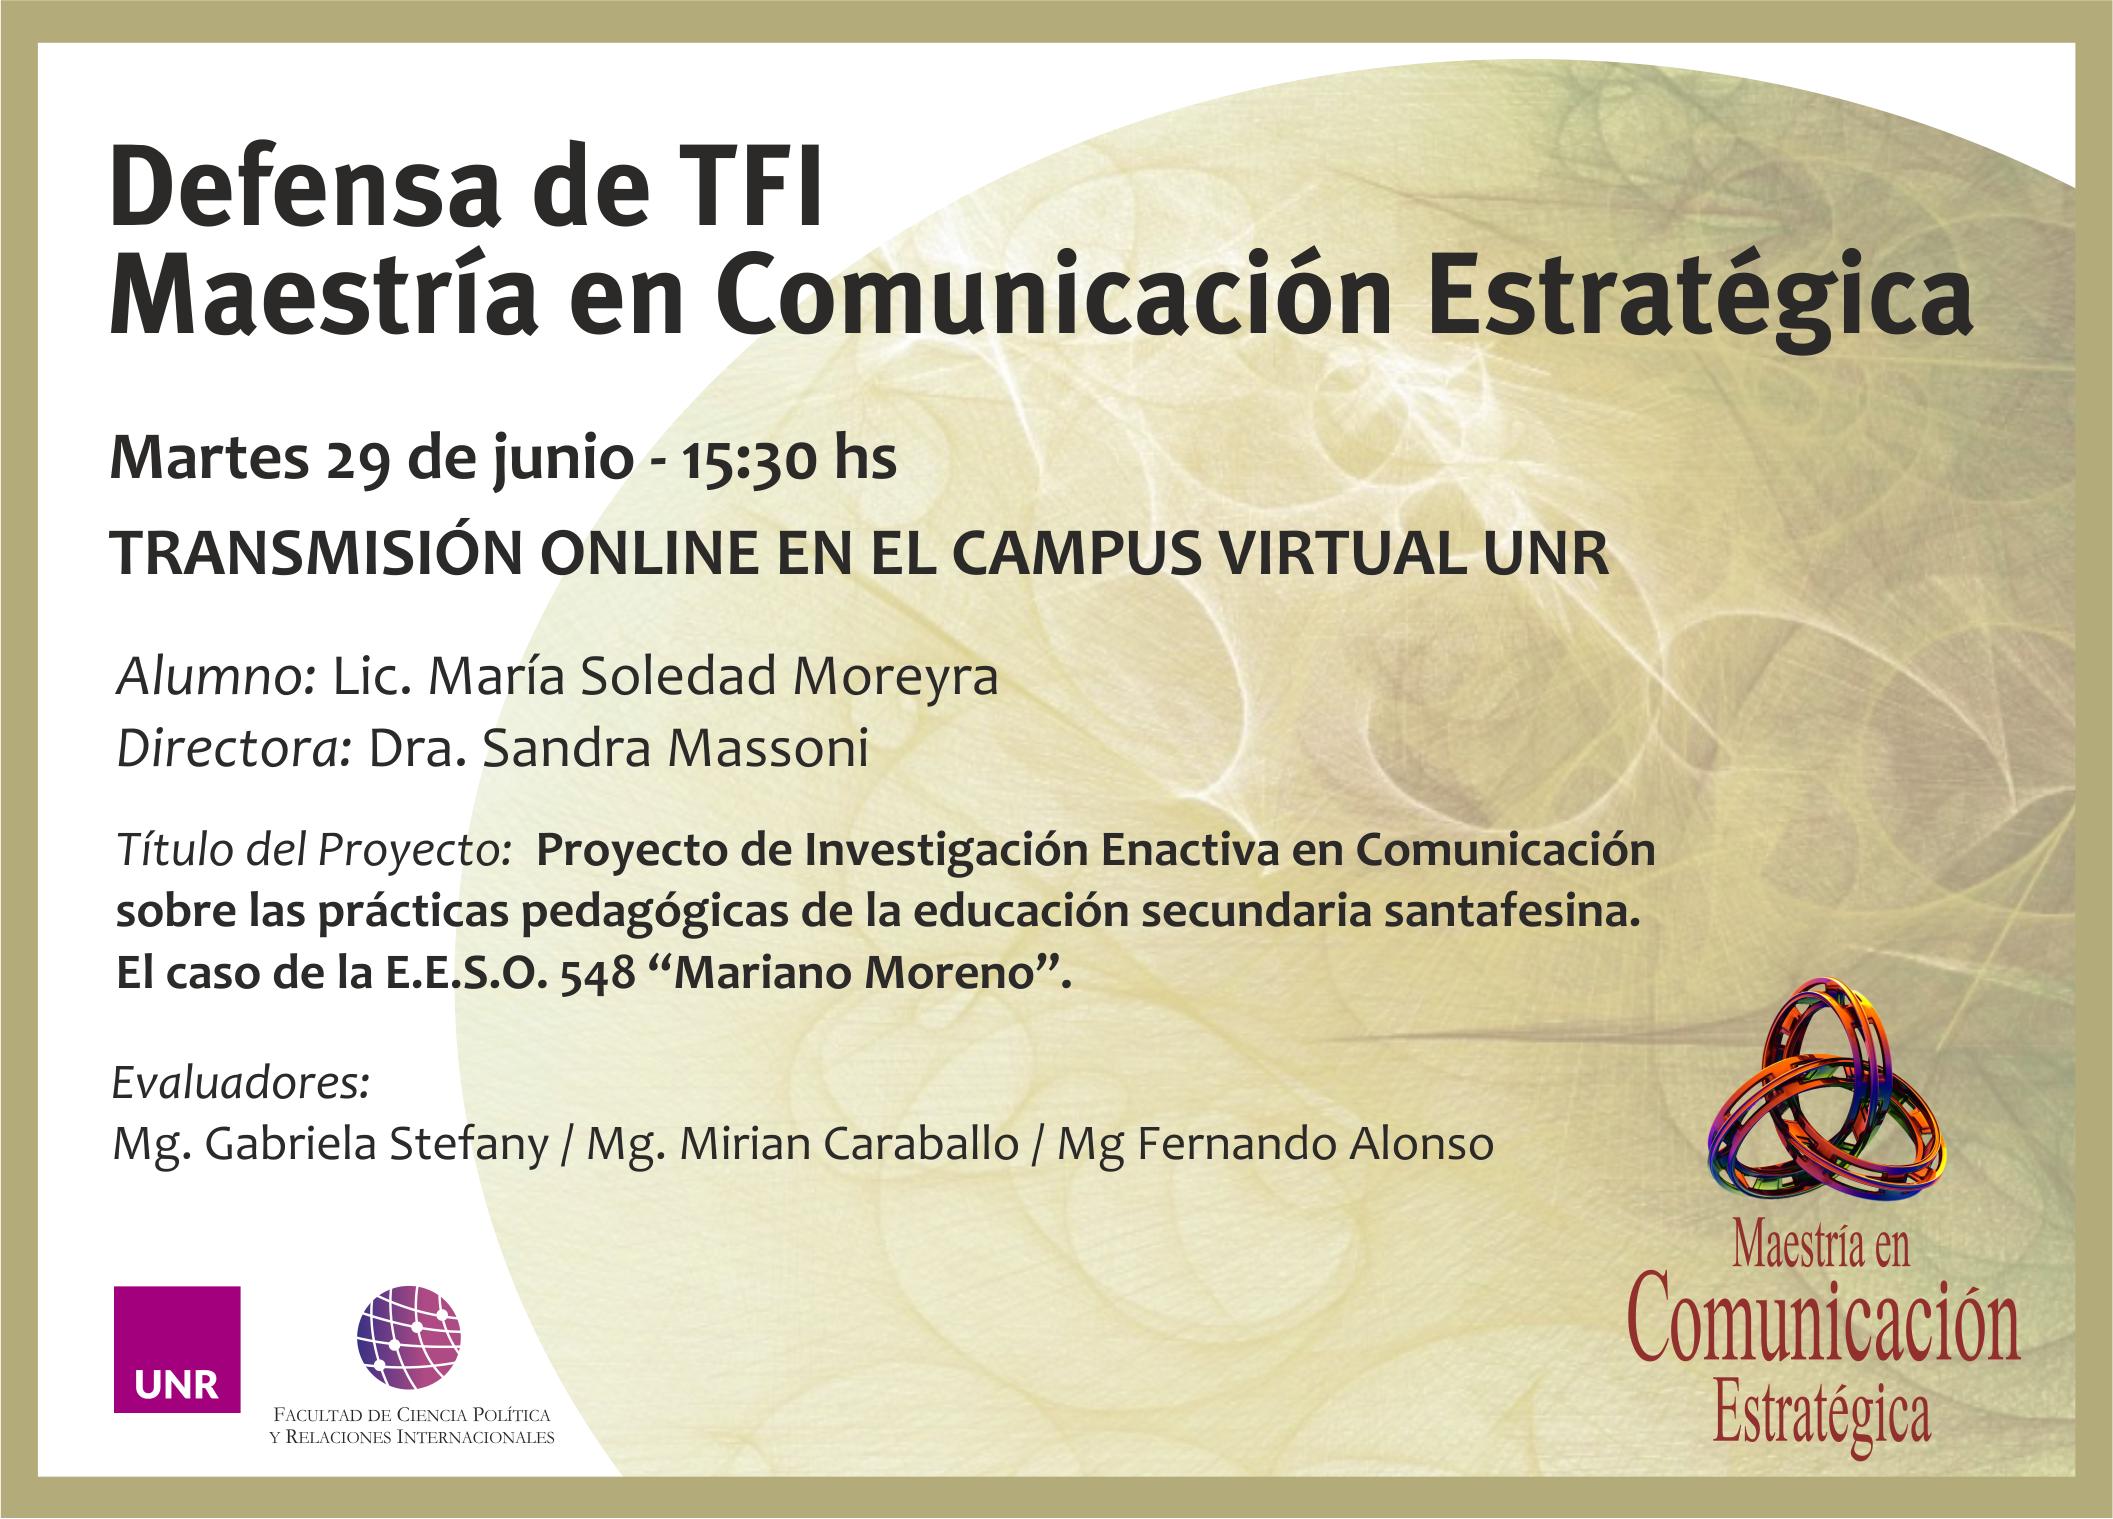 Comunicación estratégica y educación